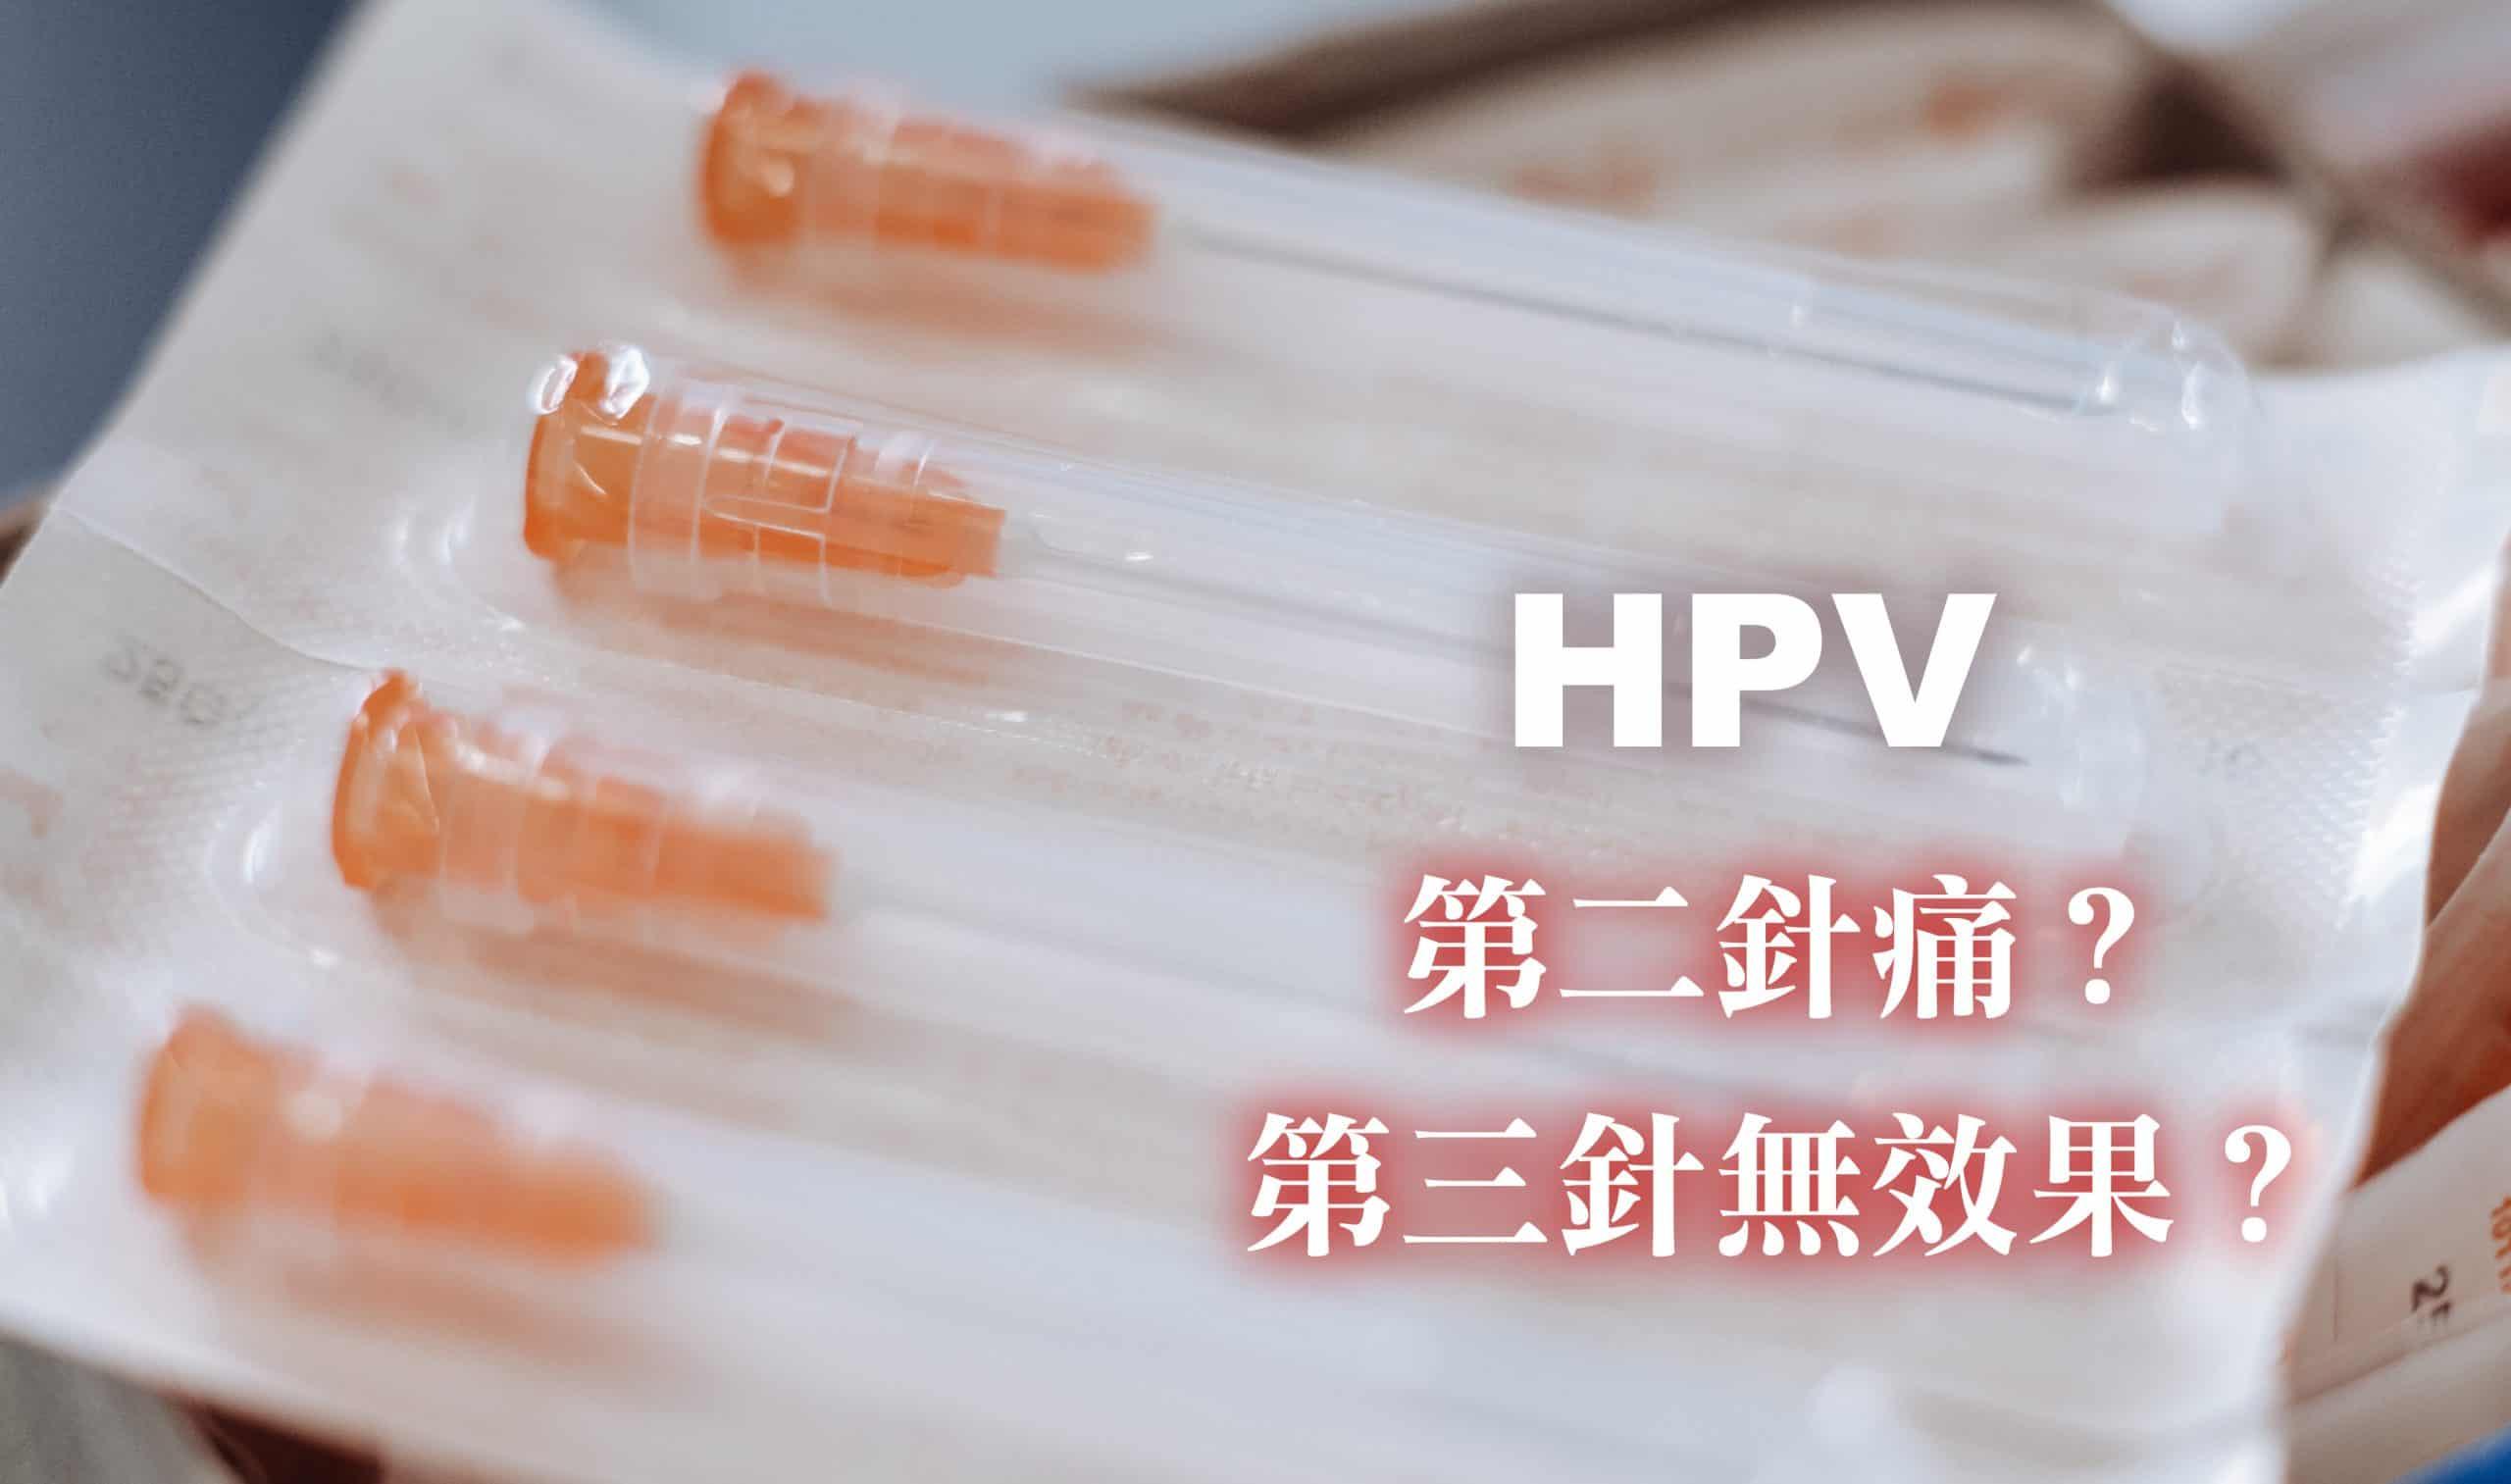 【HPV 9合1資訊】為什麼打完HPV第二針痛?延遲打hpv第三針,仲有無效果?